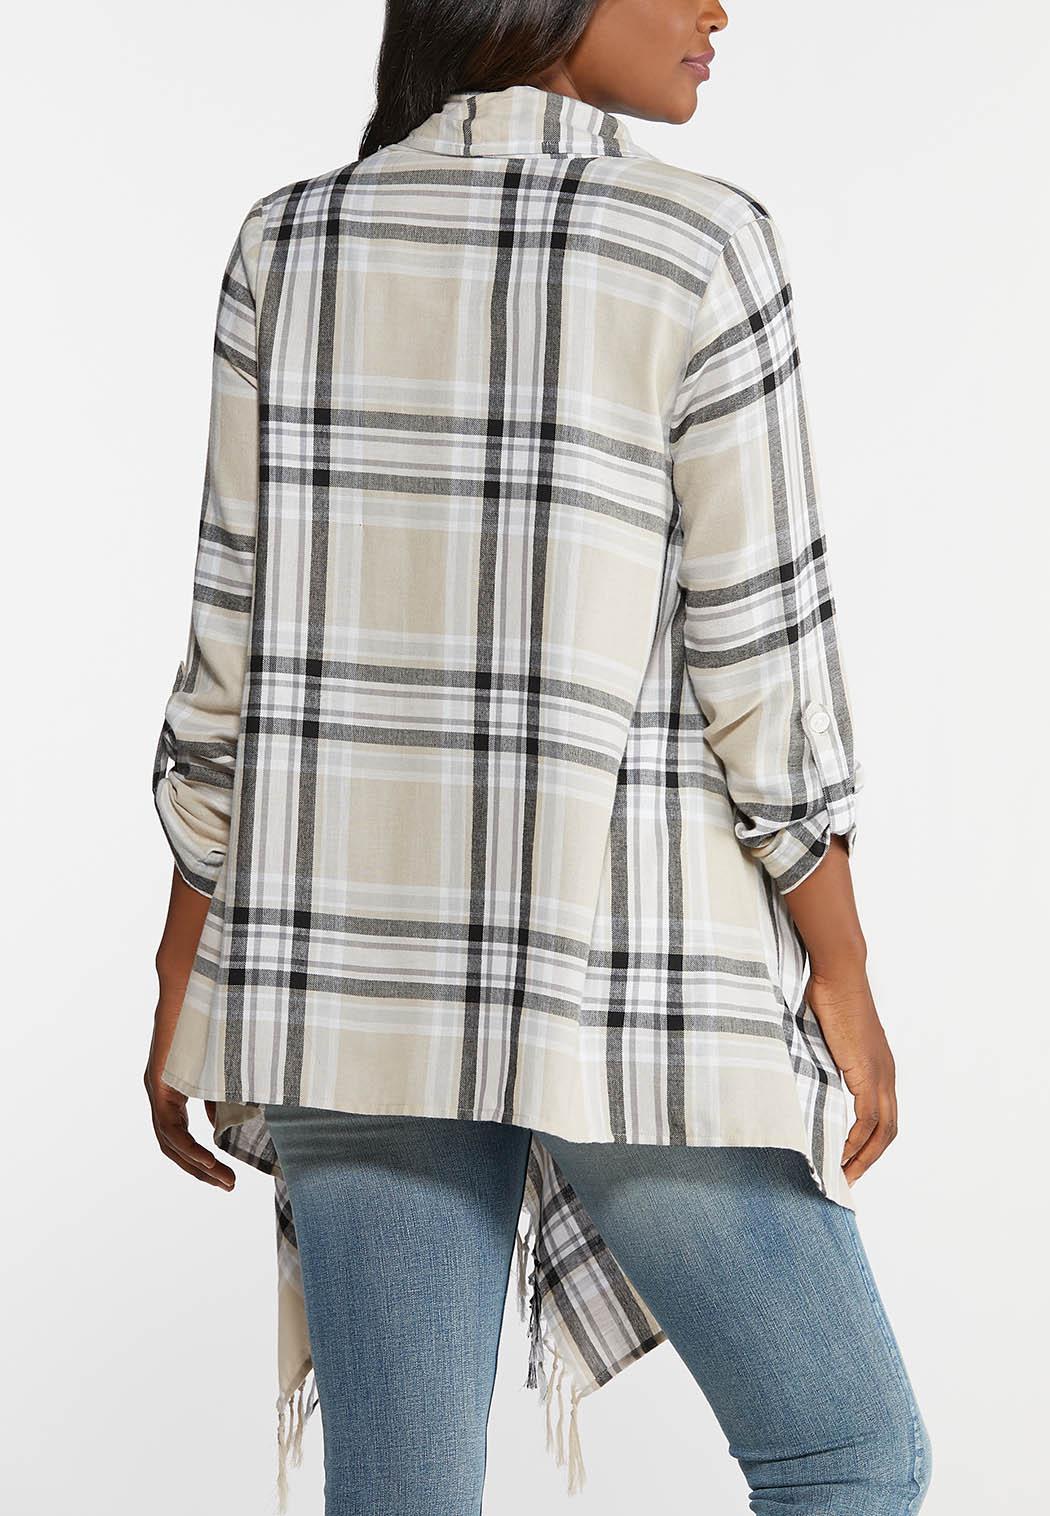 Plaid Fringed Jacket (Item #43955992)